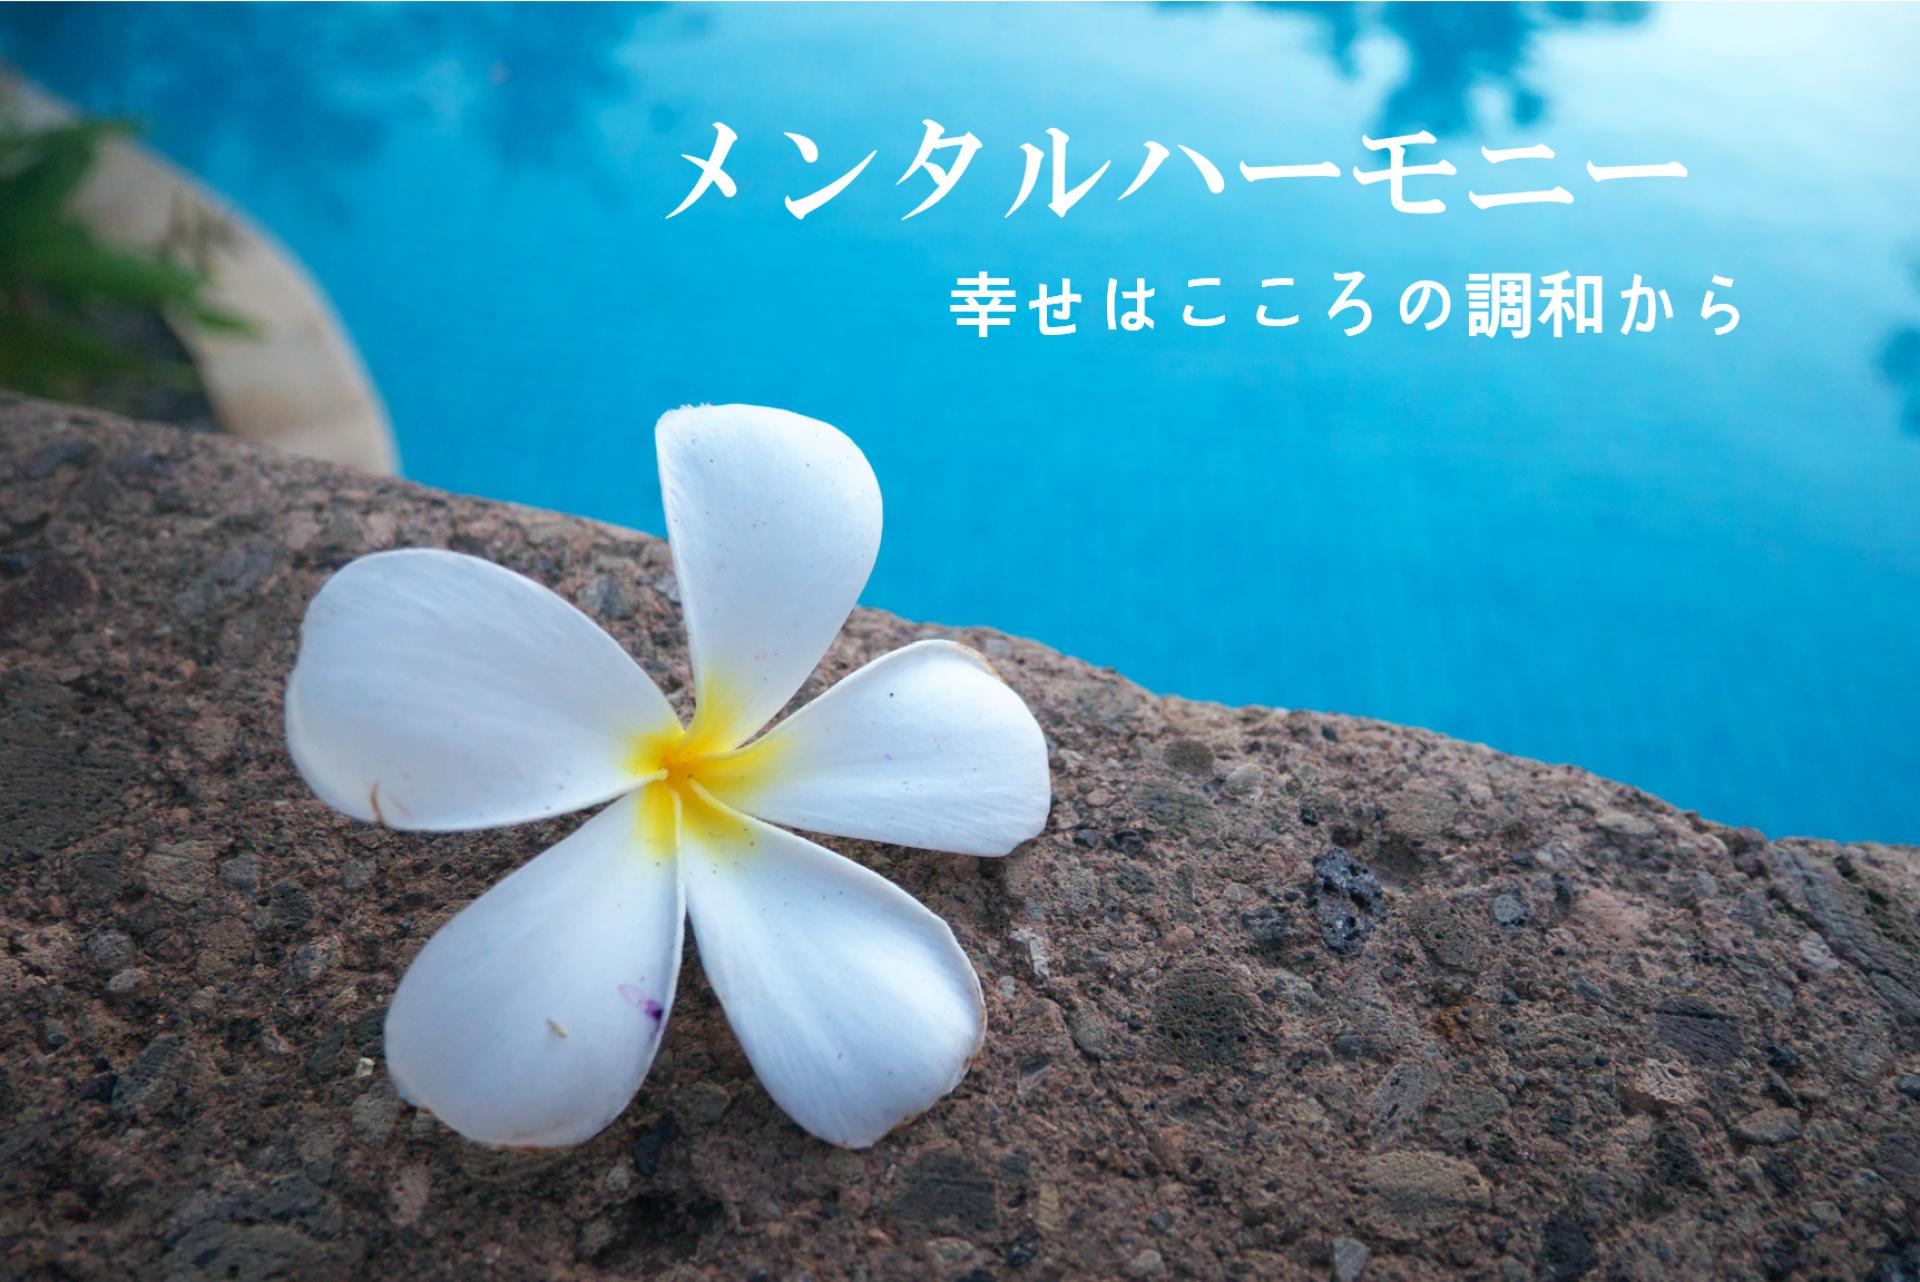 【MENTAL HARMONY公式】  メンタルハーモニー